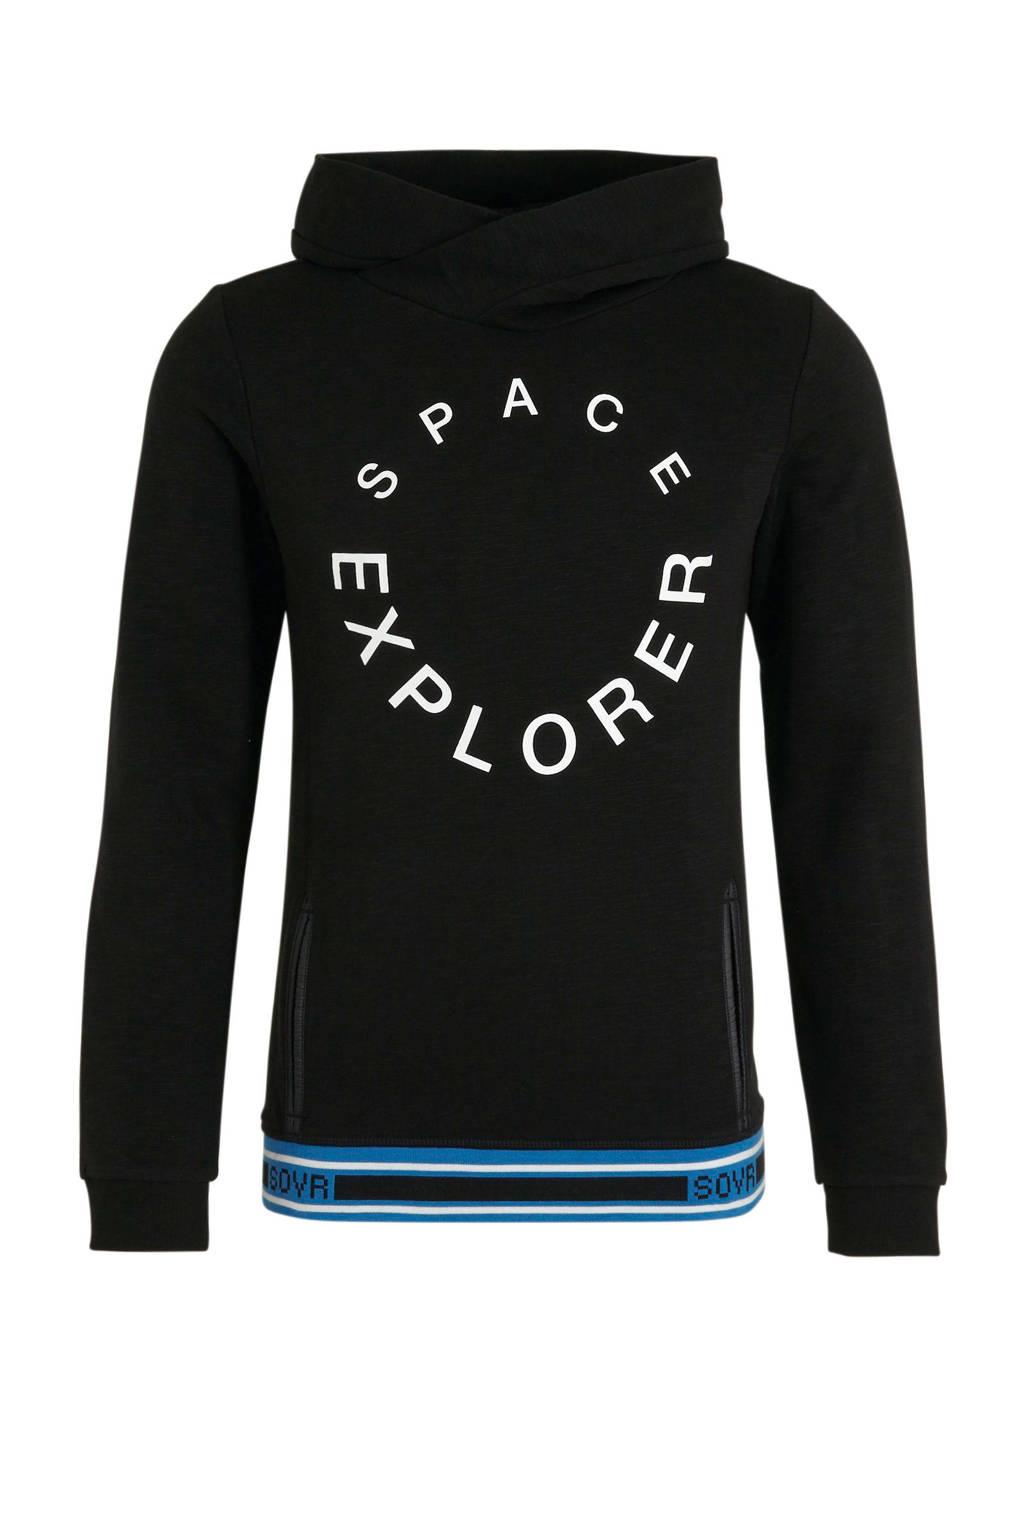 s.Oliver sweater met tekst zwart/wit/blauw, Zwart/wit/blauw